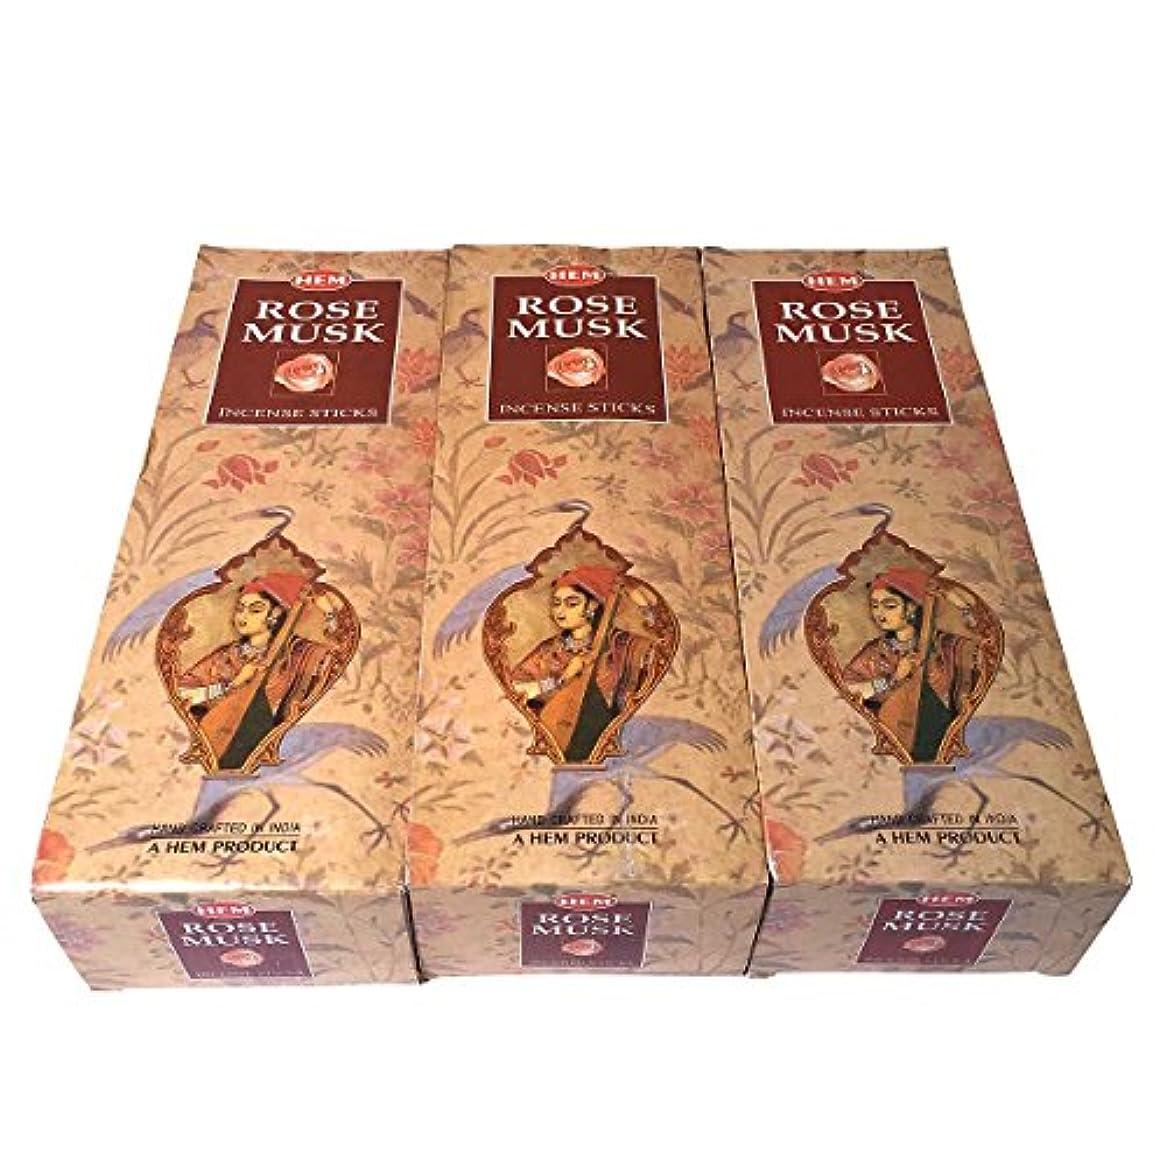 ニッケル受け入れる申し込むローズムスク香スティック 3BOX(18箱) /HEM ROSE MUSK/インセンス/インド香 お香 [並行輸入品]